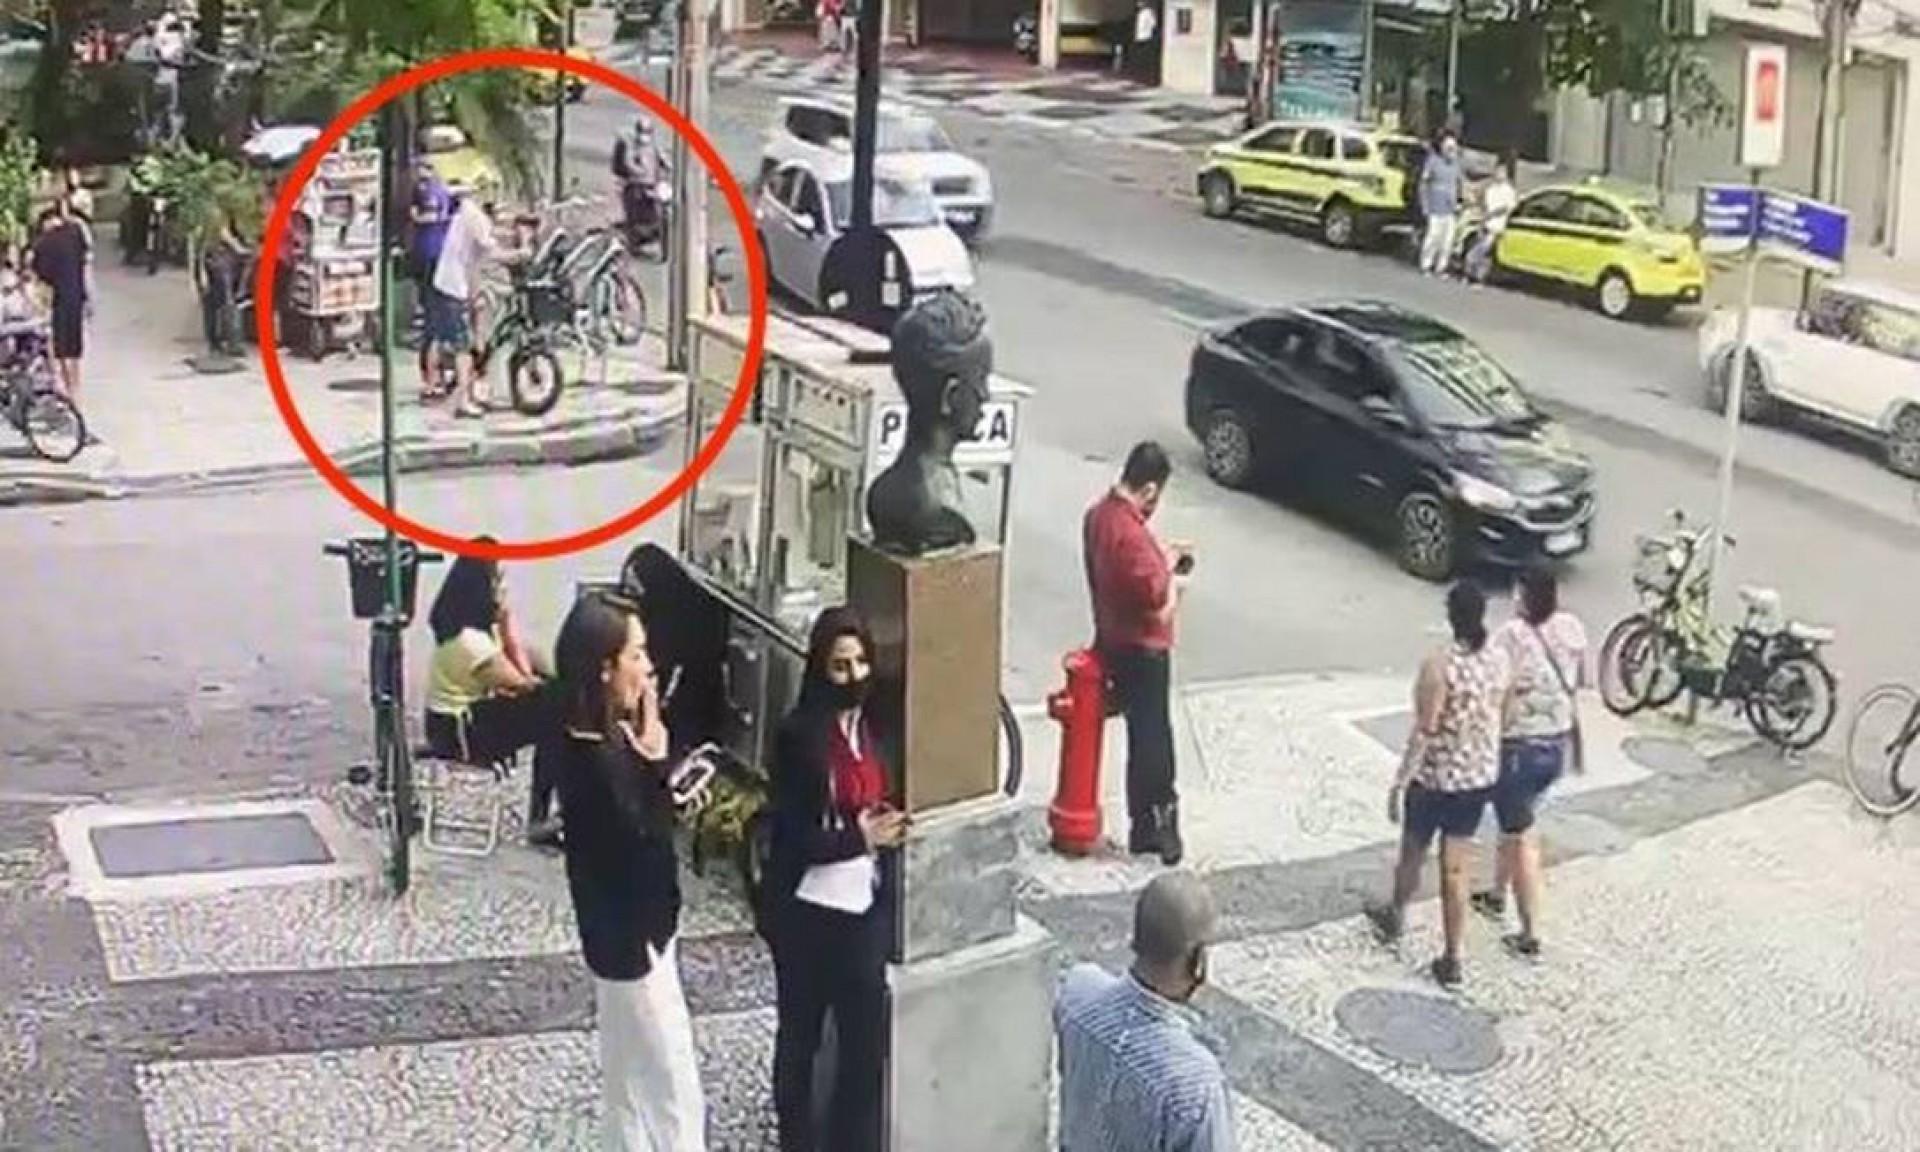 As imagens de segurança ajudaram a inteligência da delegacia a encontrarem o suspeito